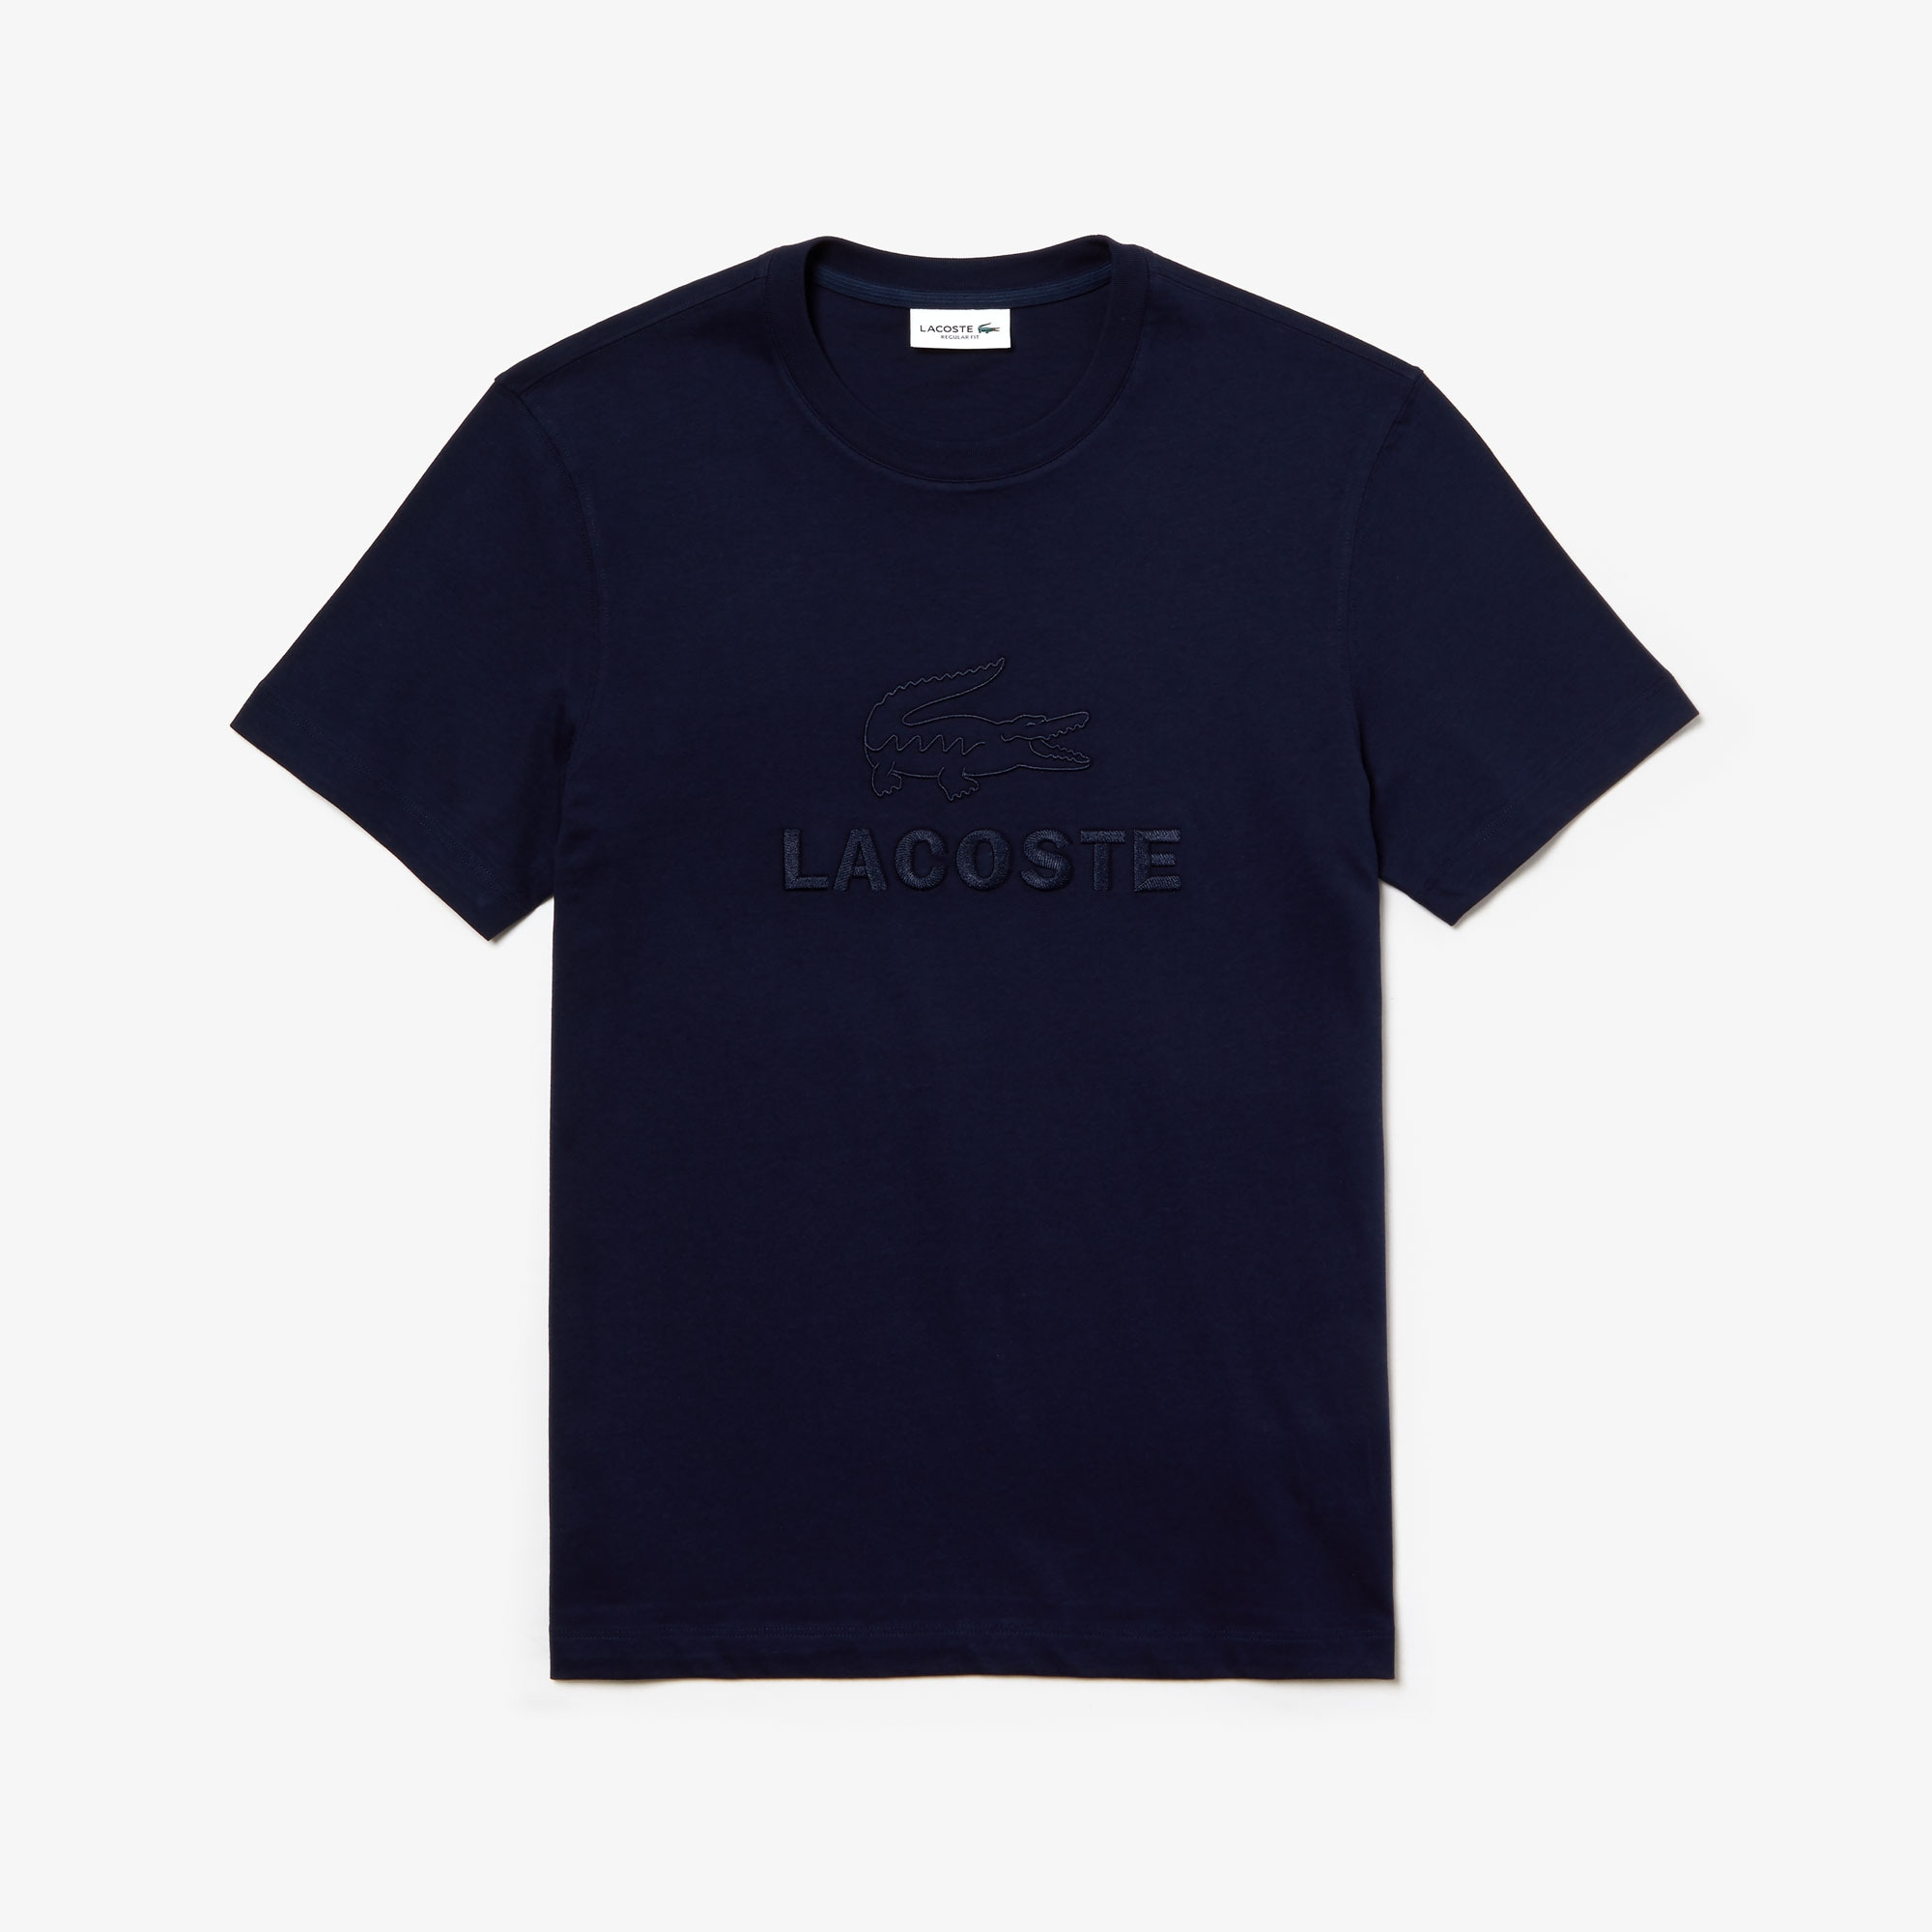 f38534afc2a1e + 5 Farben. Neue Kollektion. Herren T-Shirt ...